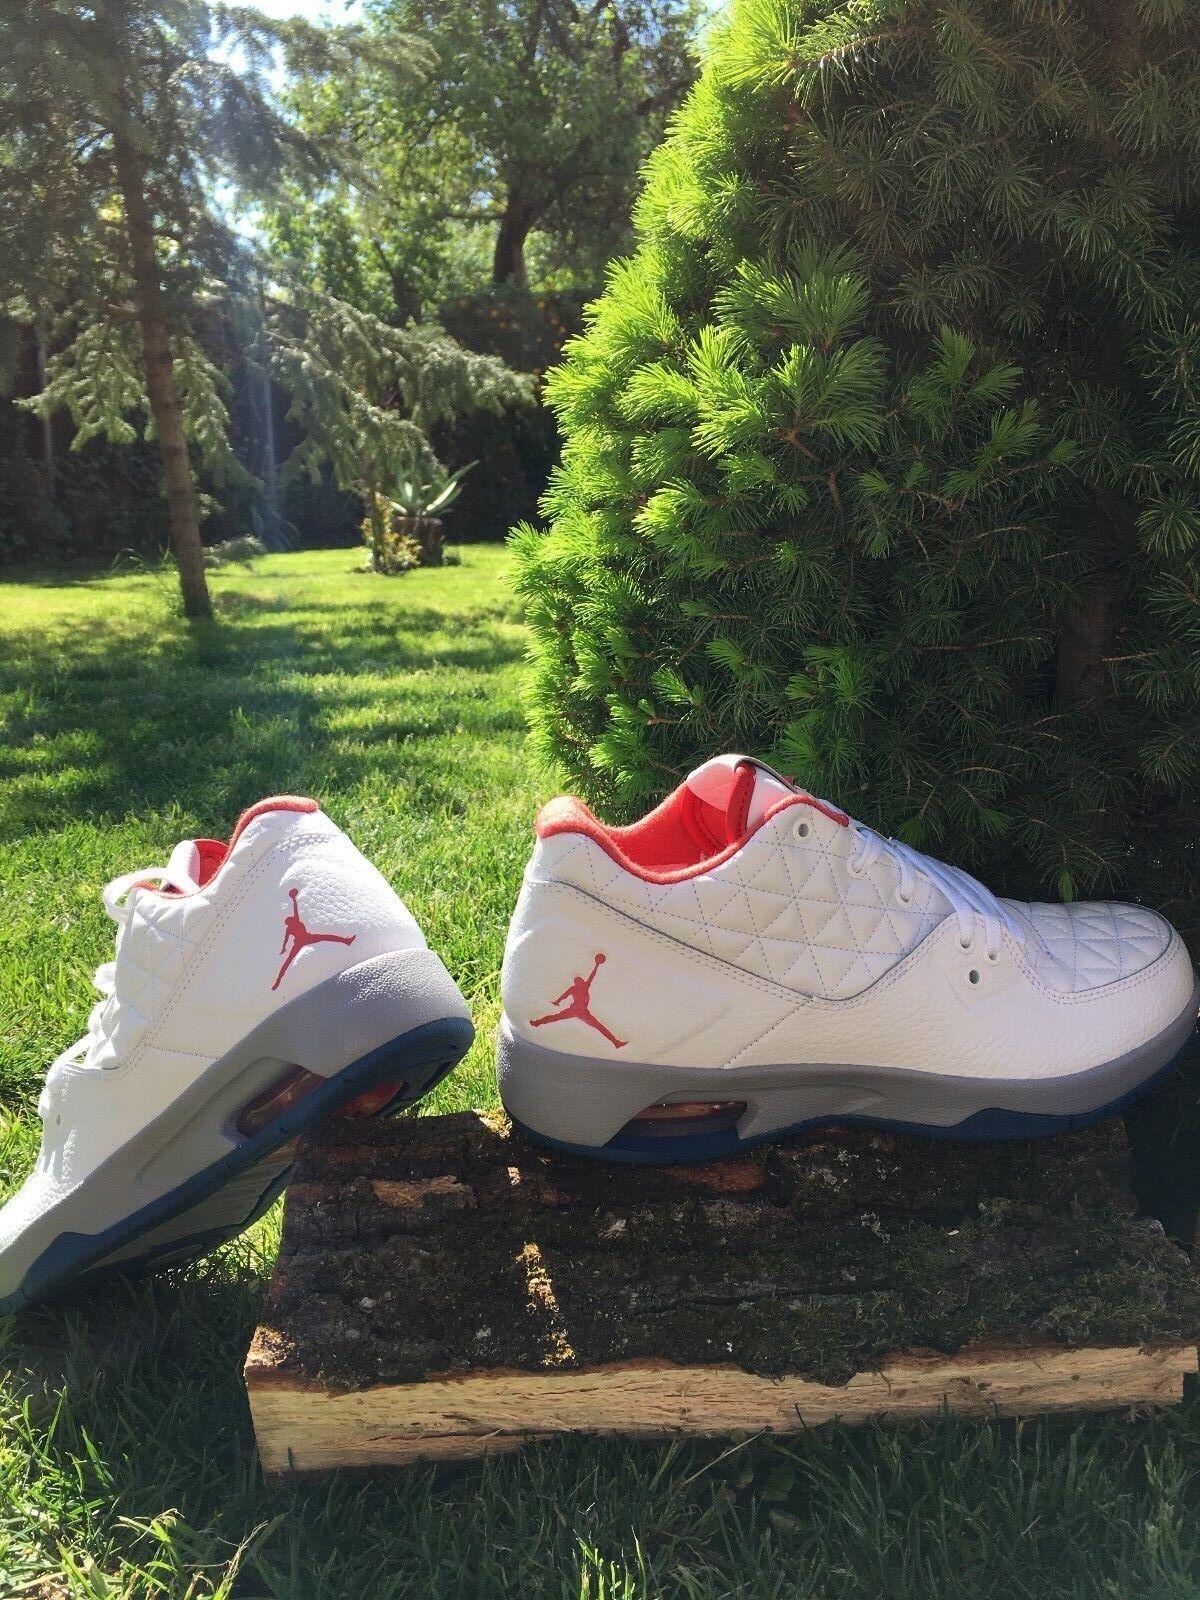 Jordan Clutch Herren Sneaker Schuhe Laufschuhe Basketballsch Schuhgröße 40.5